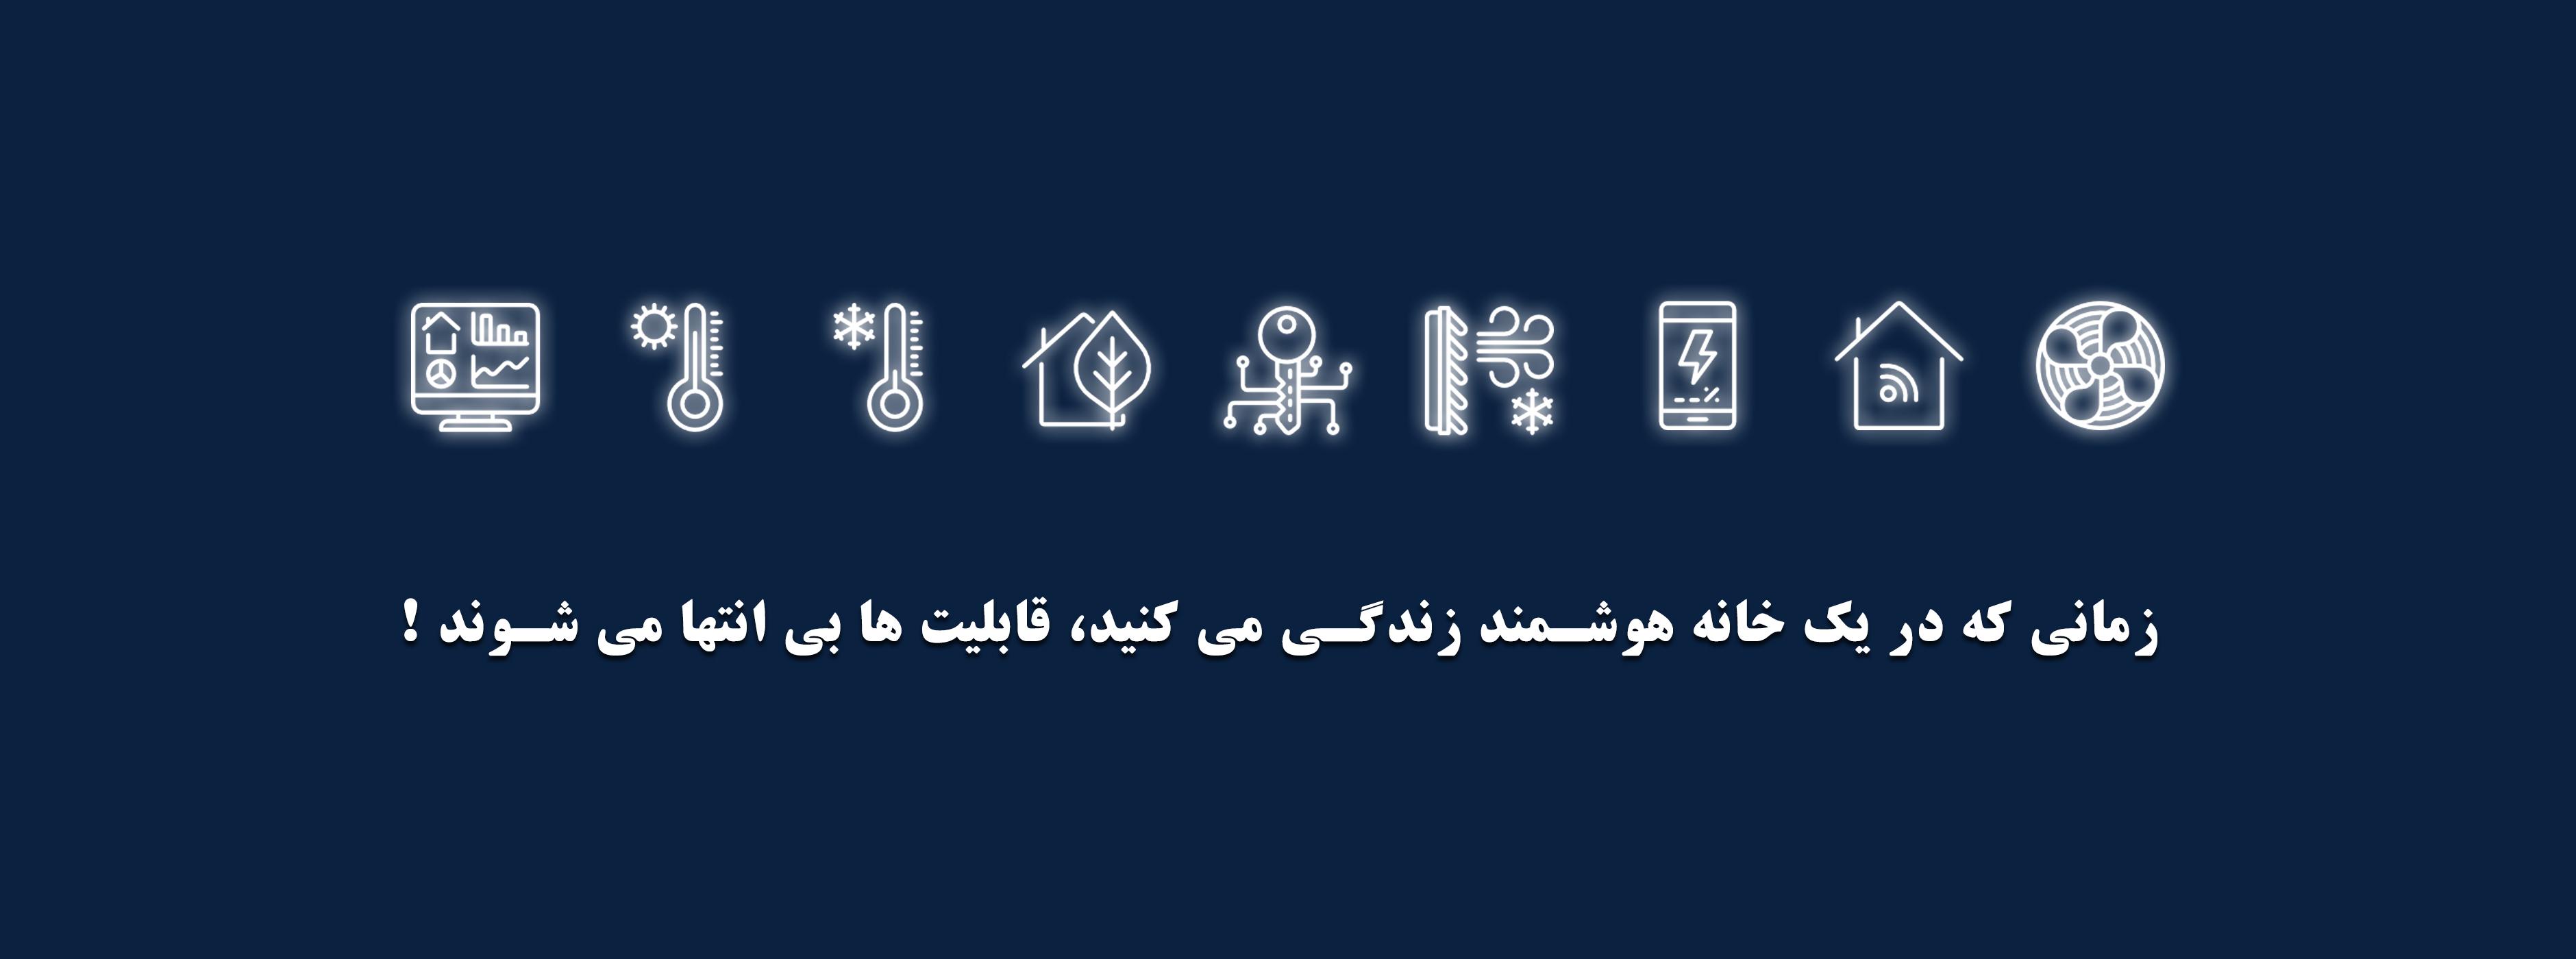 خونه ی هوشمند چیه؟